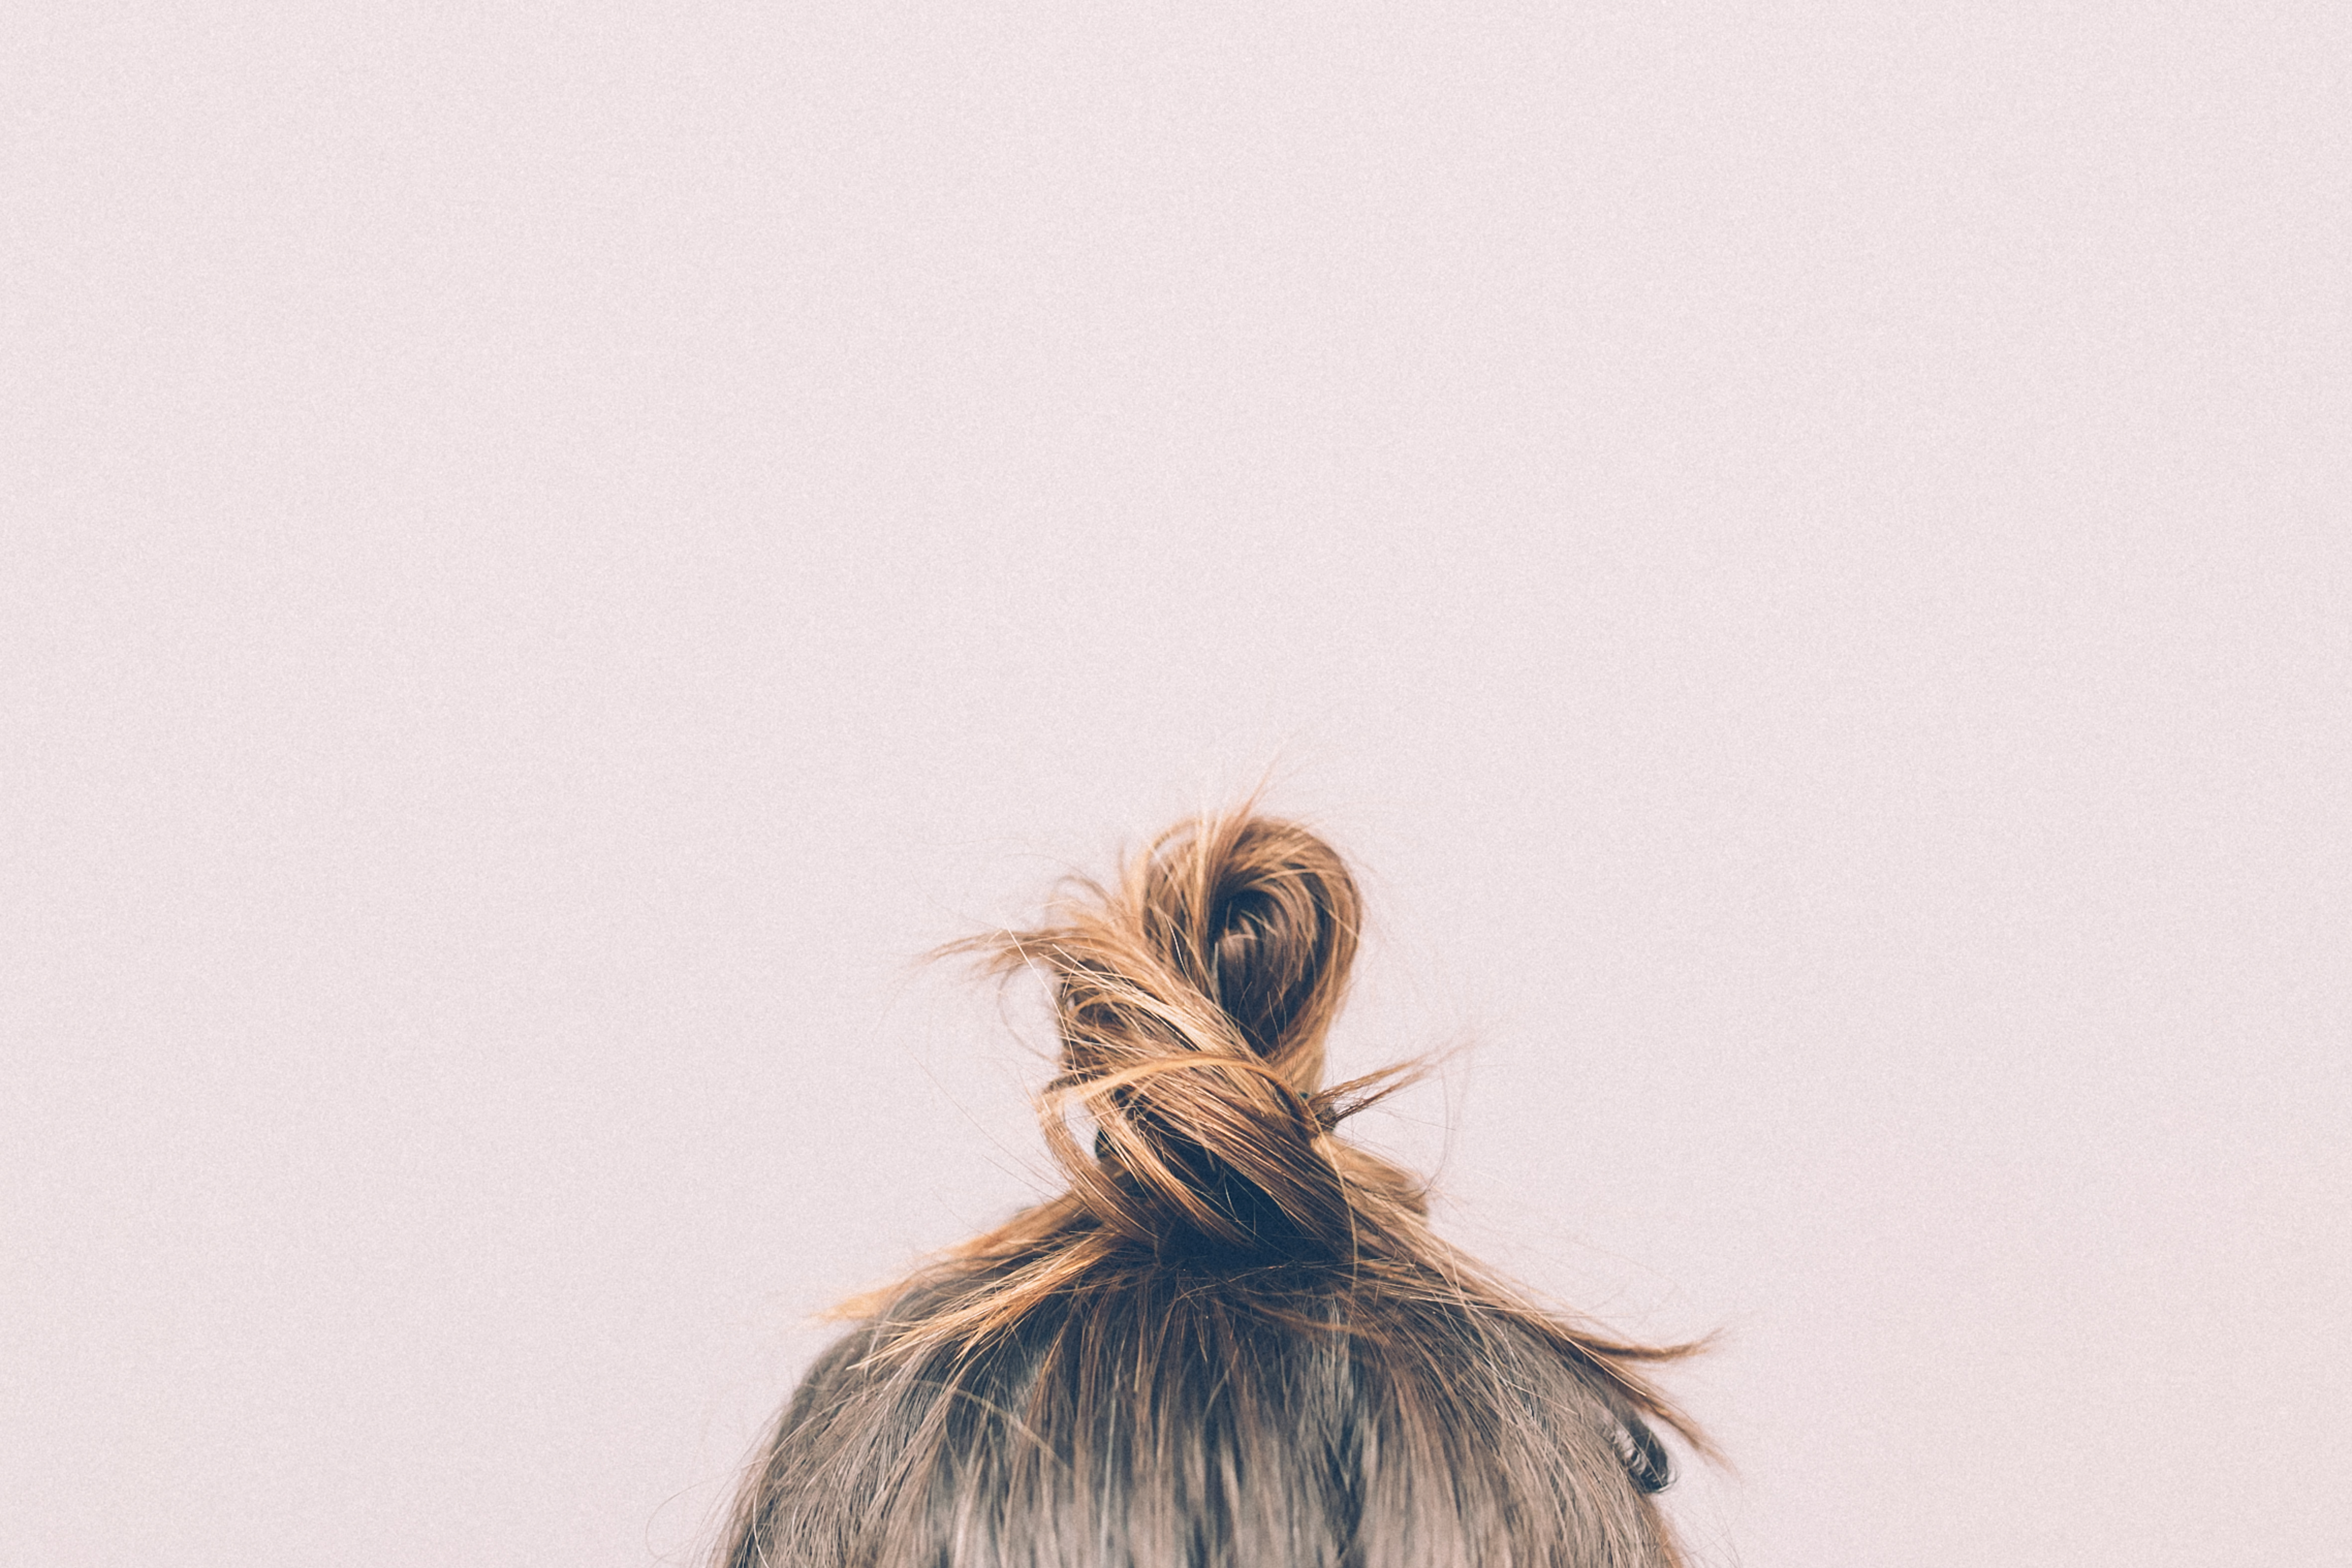 hair-in-bun